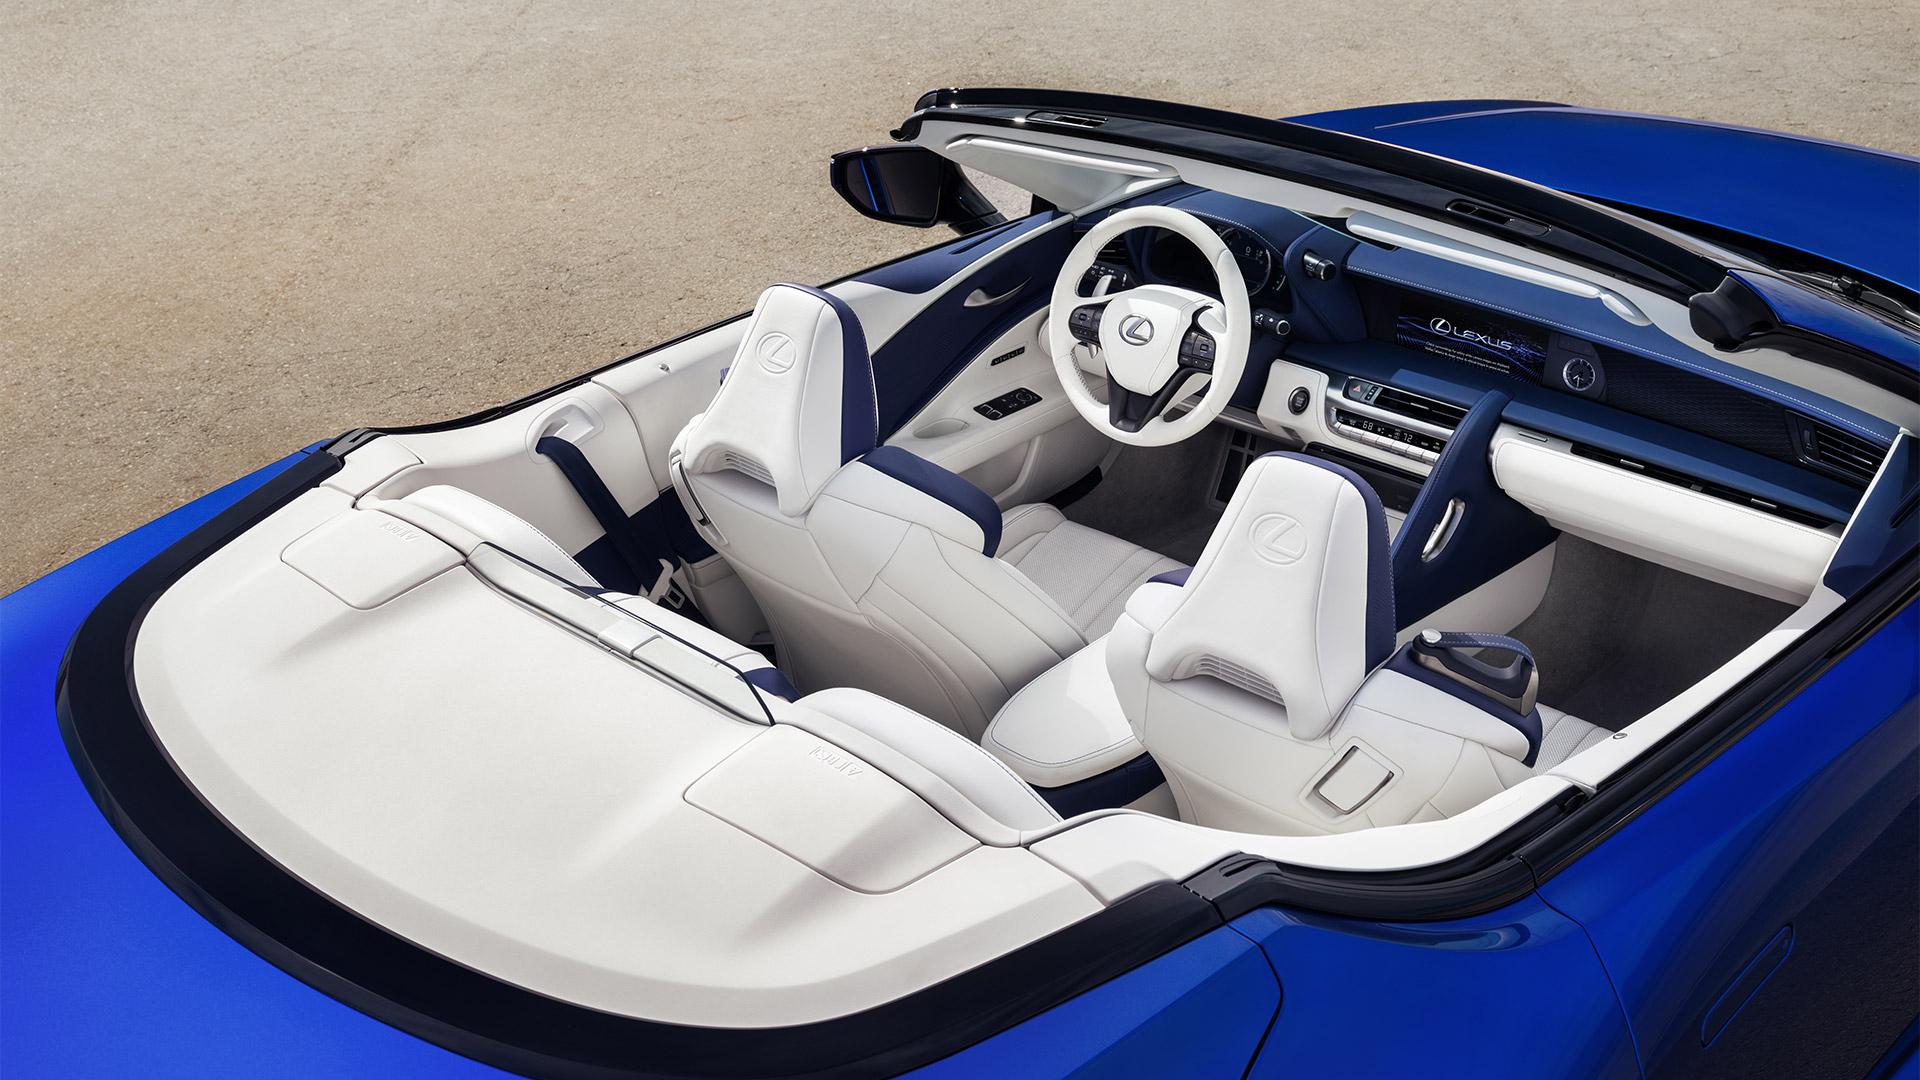 09 2019 027 nieuwe Lexus LC 500 Convertible 1920x1080 galerij